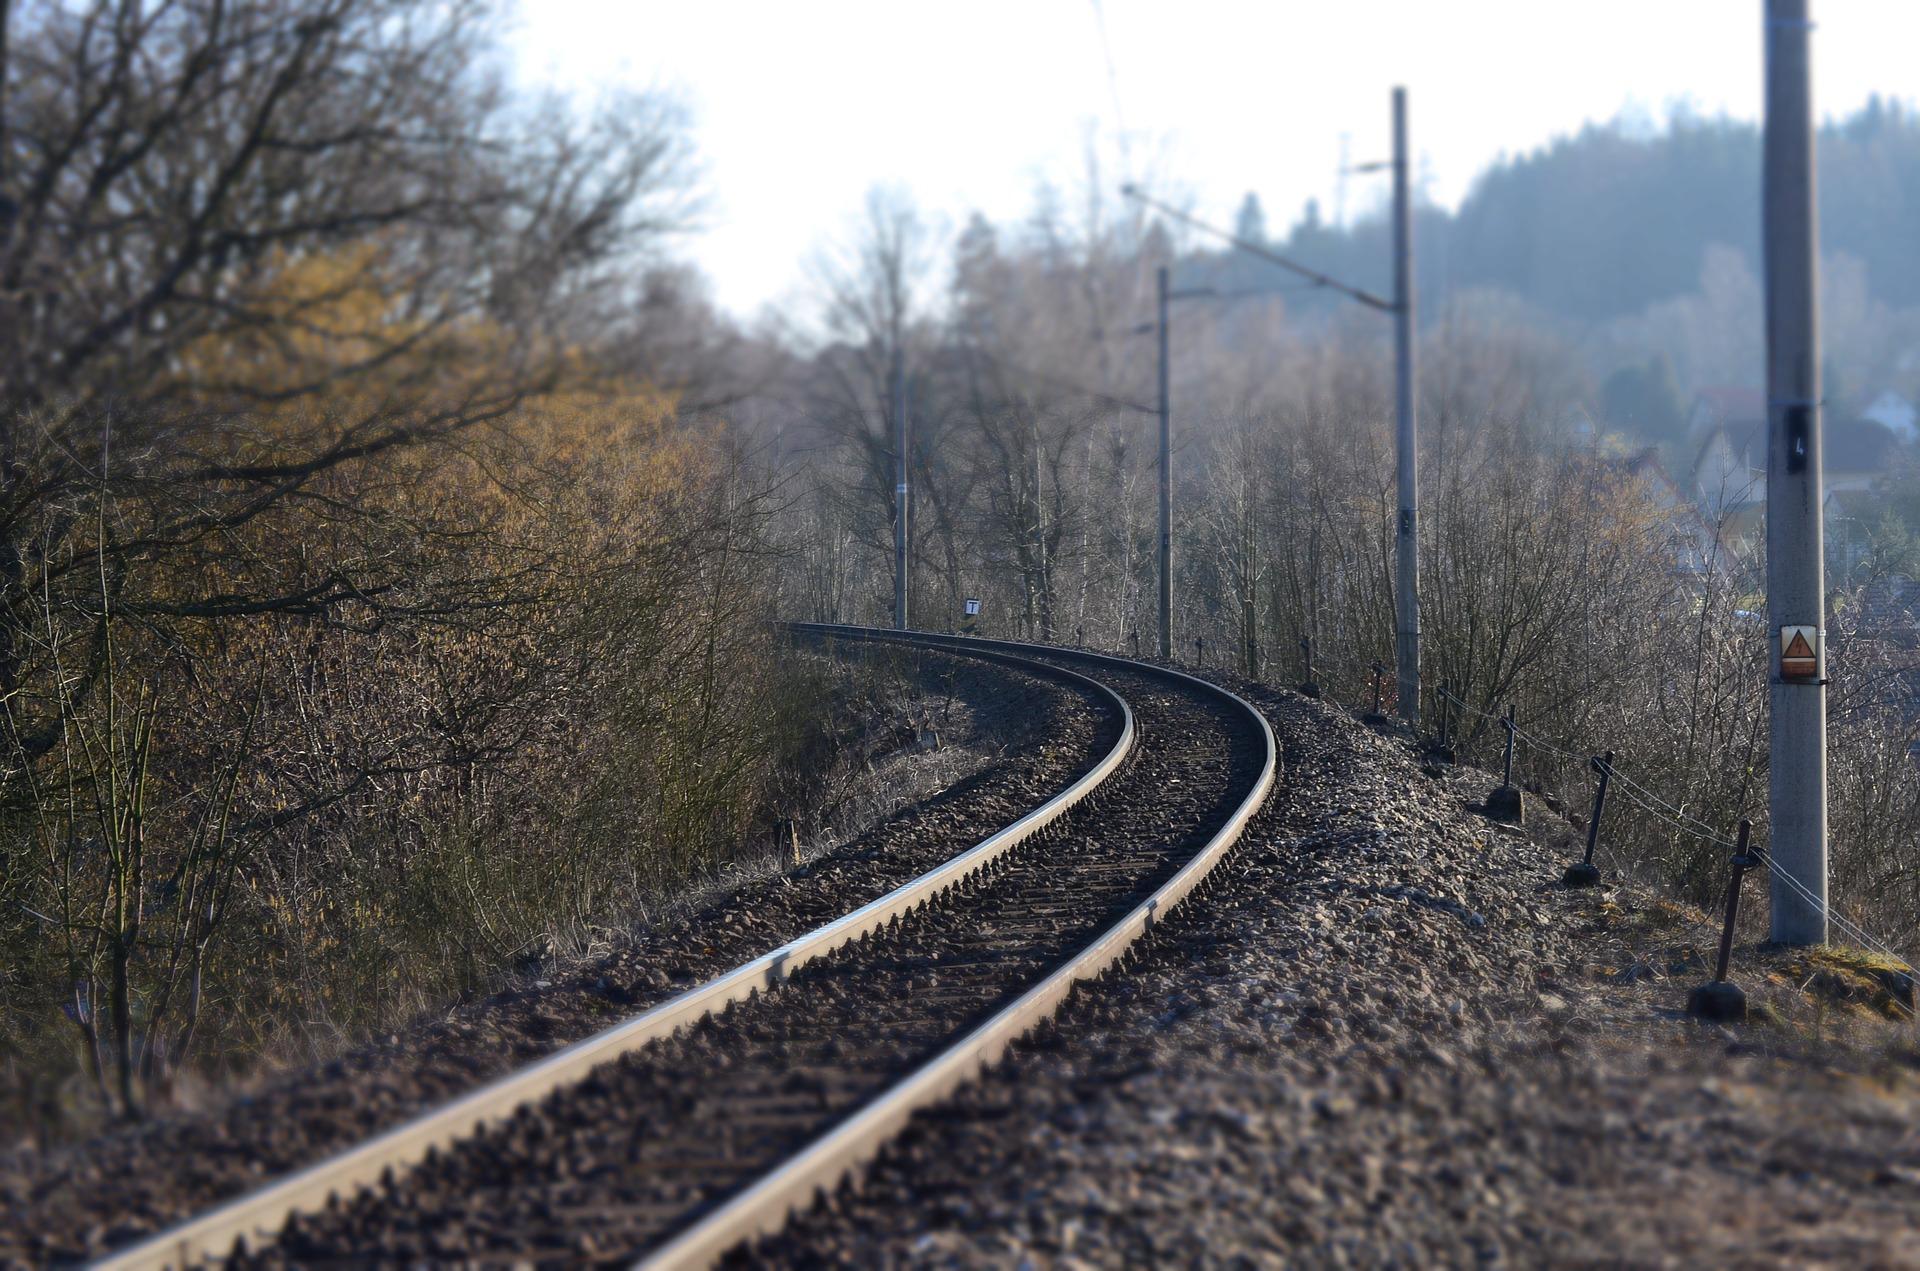 track-704820_1920.jpg